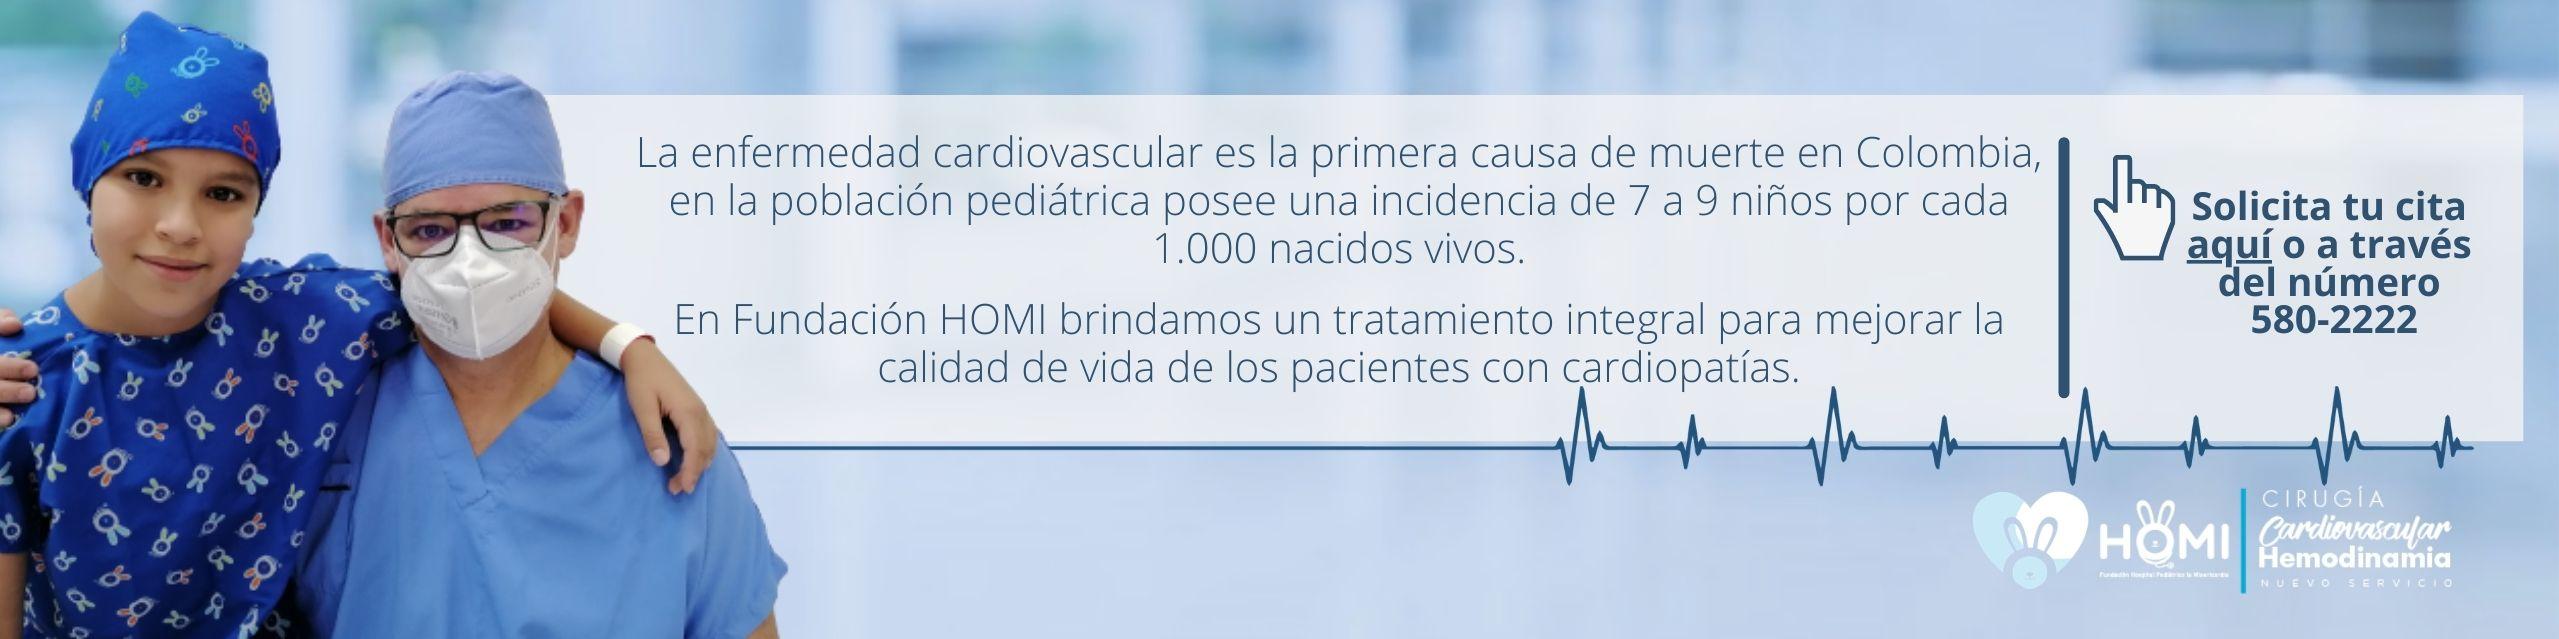 servicio-cardiologia